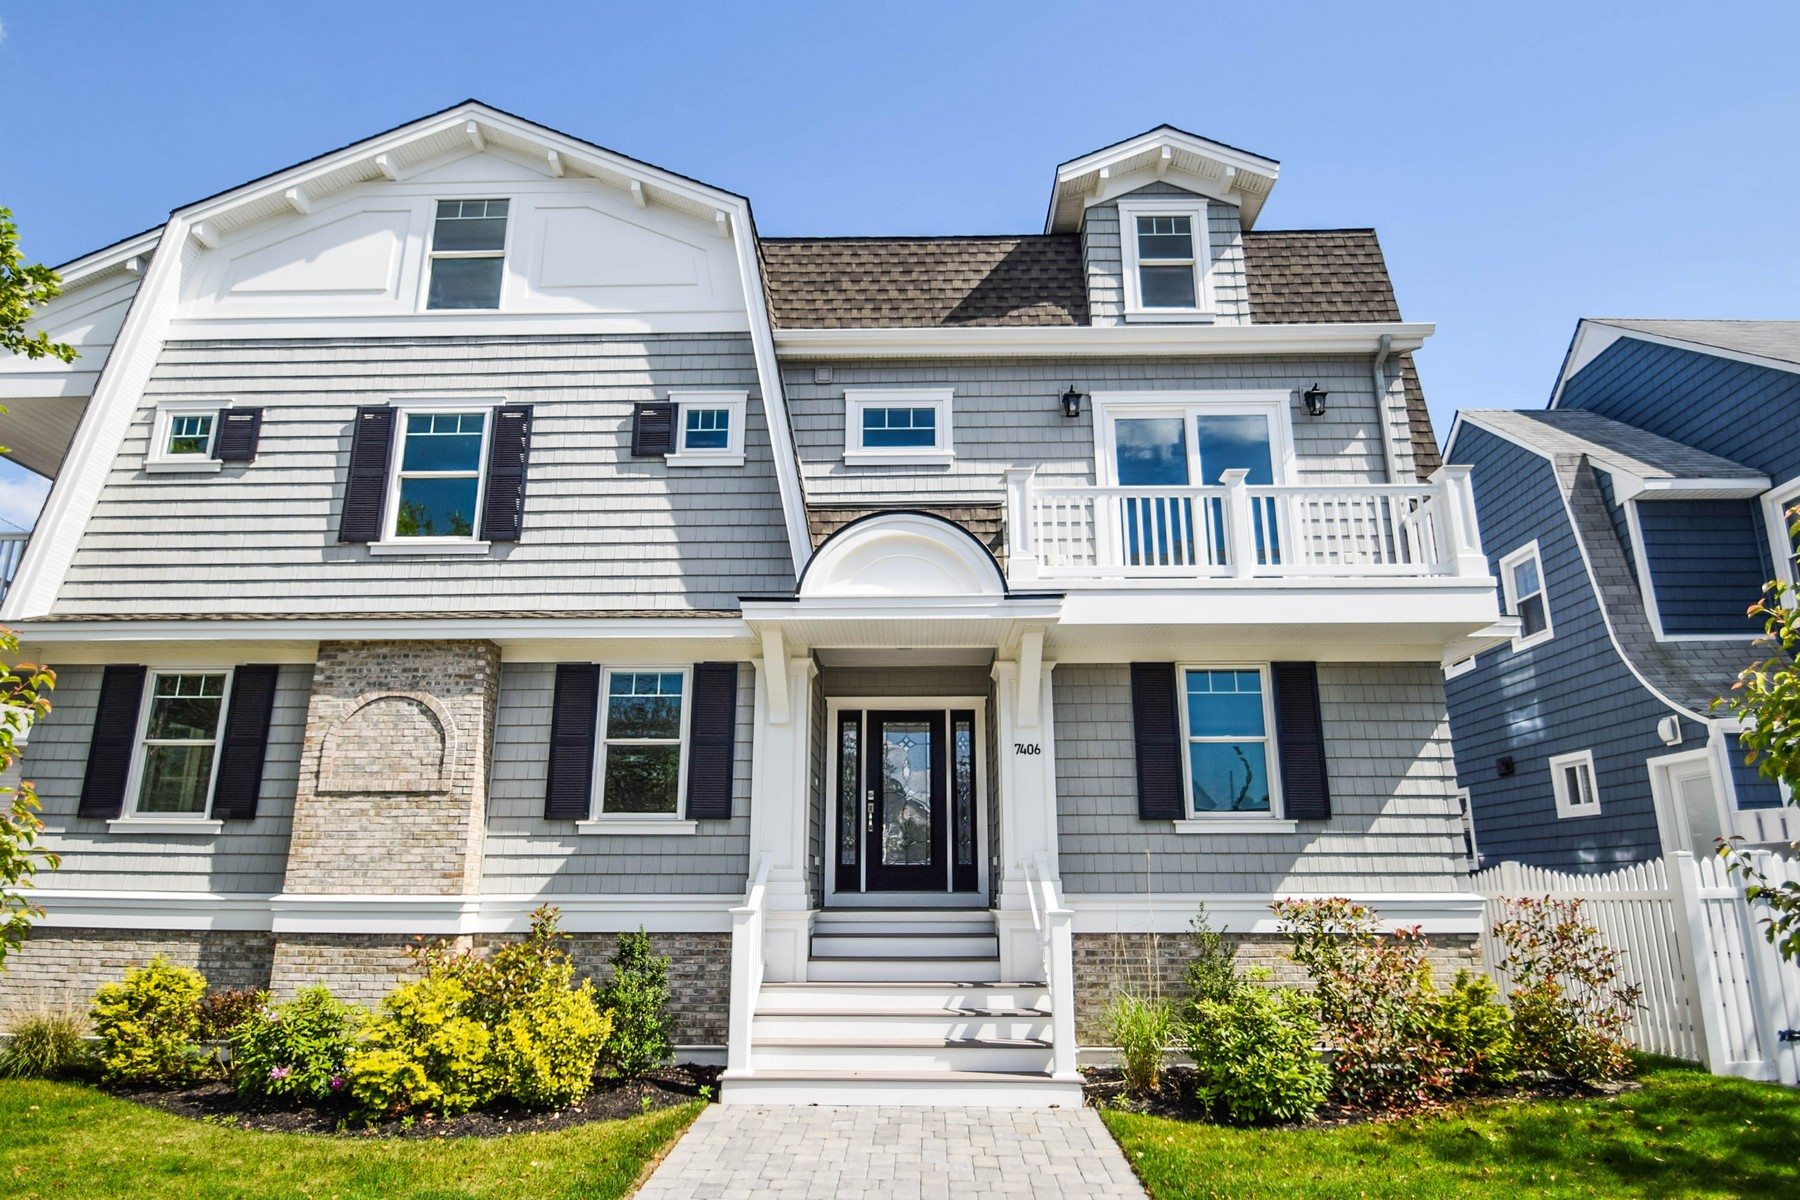 Casa Unifamiliar por un Venta en 2 S Andover Ave 2 S Andover Ave BRAND NEW CONSTRUCTION, Margate, Nueva Jersey 08402 Estados Unidos